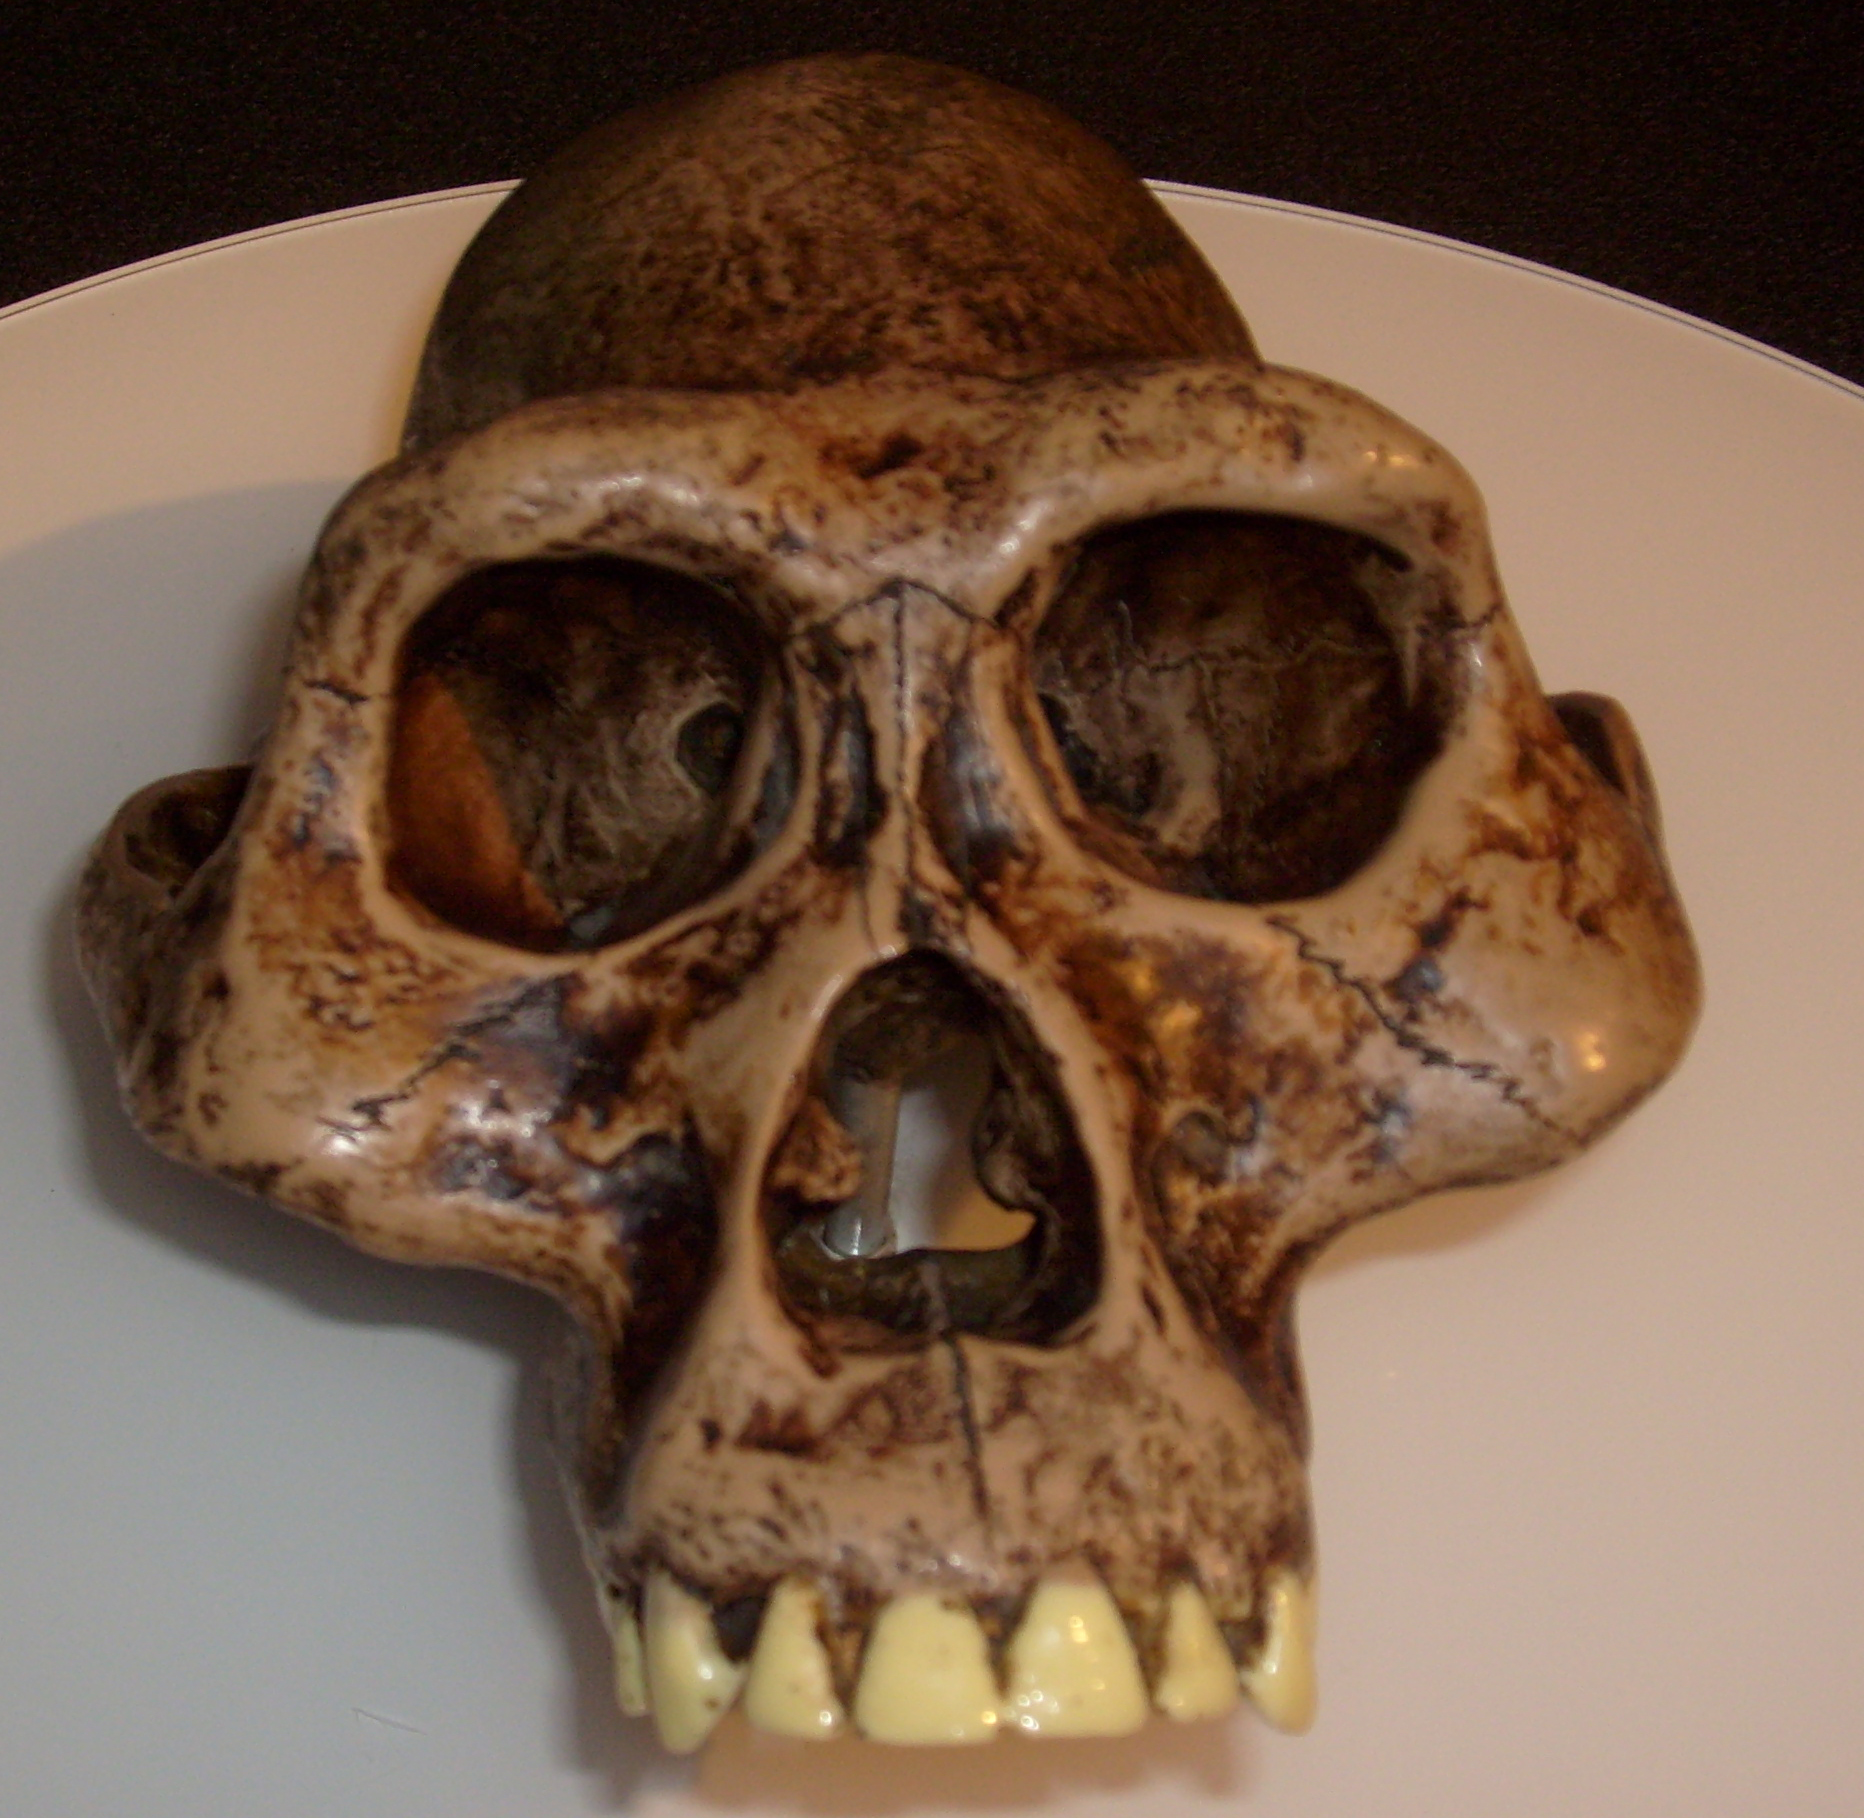 kakav je način datiranja fosila upoznavanje ili spajanje